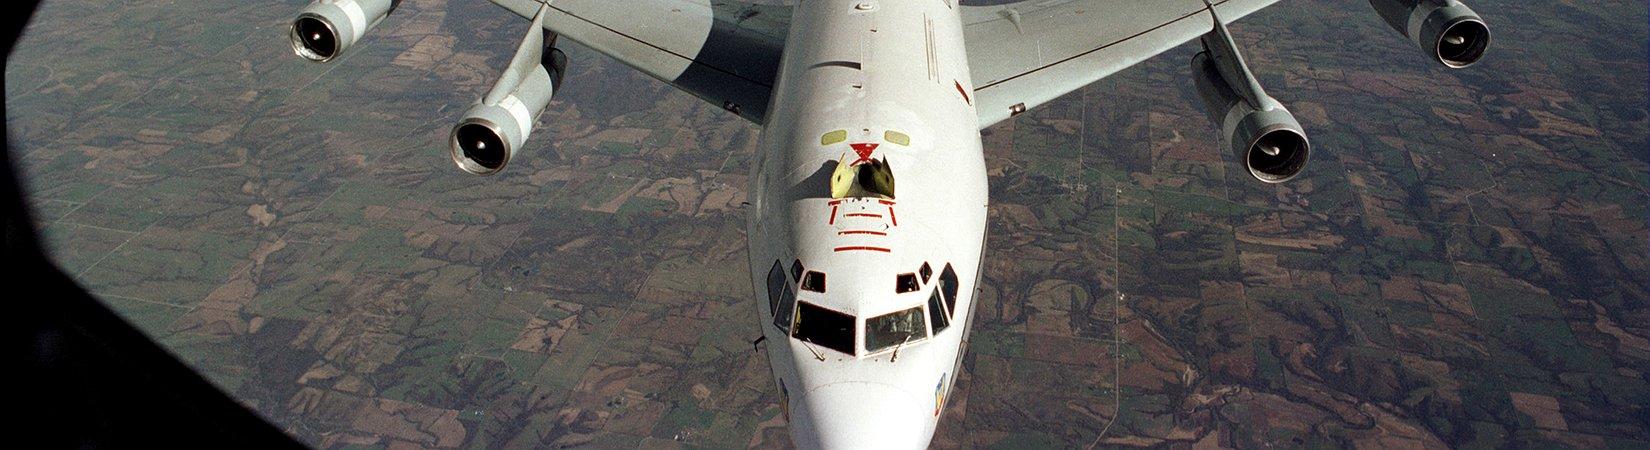 Dos aviones de combate chinos interceptan un avión militar de EE. UU.